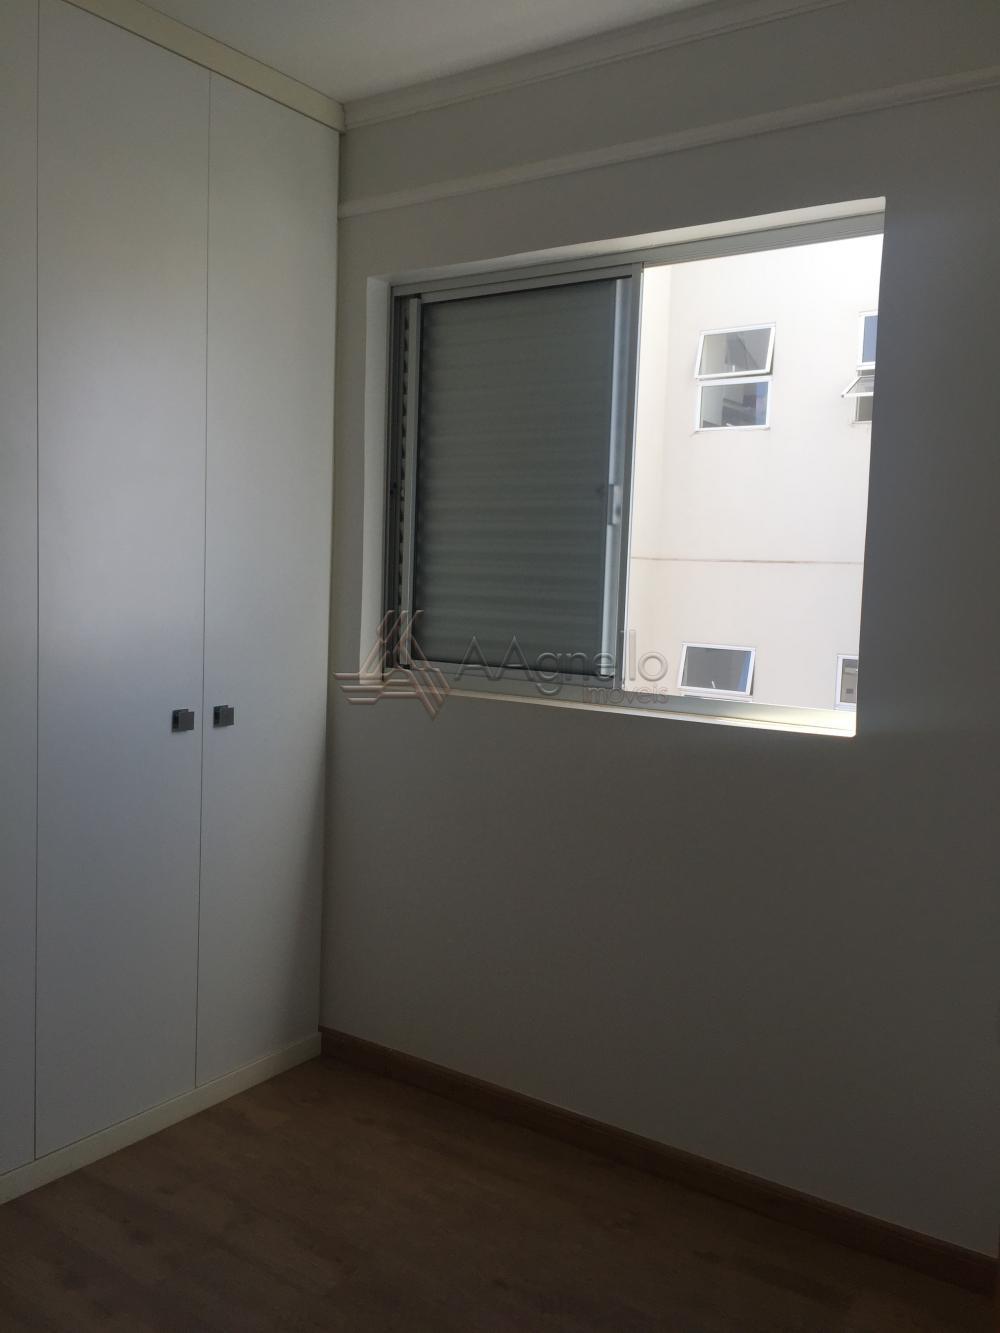 Comprar Apartamento / Padrão em Franca apenas R$ 230.000,00 - Foto 10